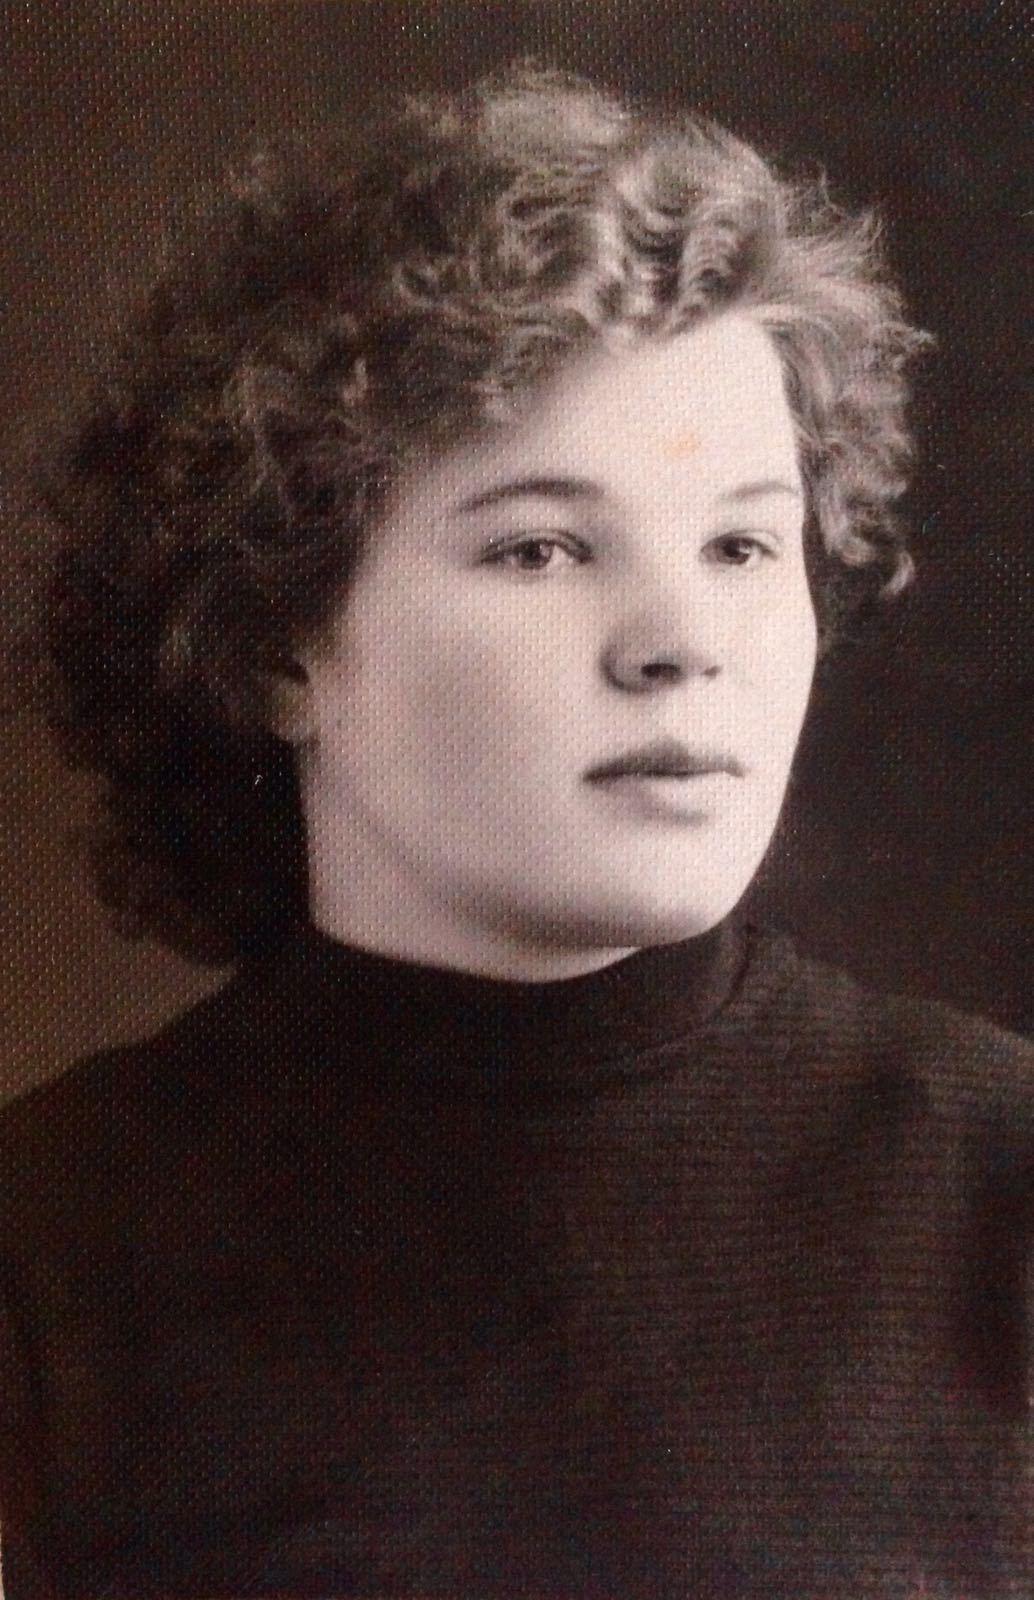 старые фотографии девушек